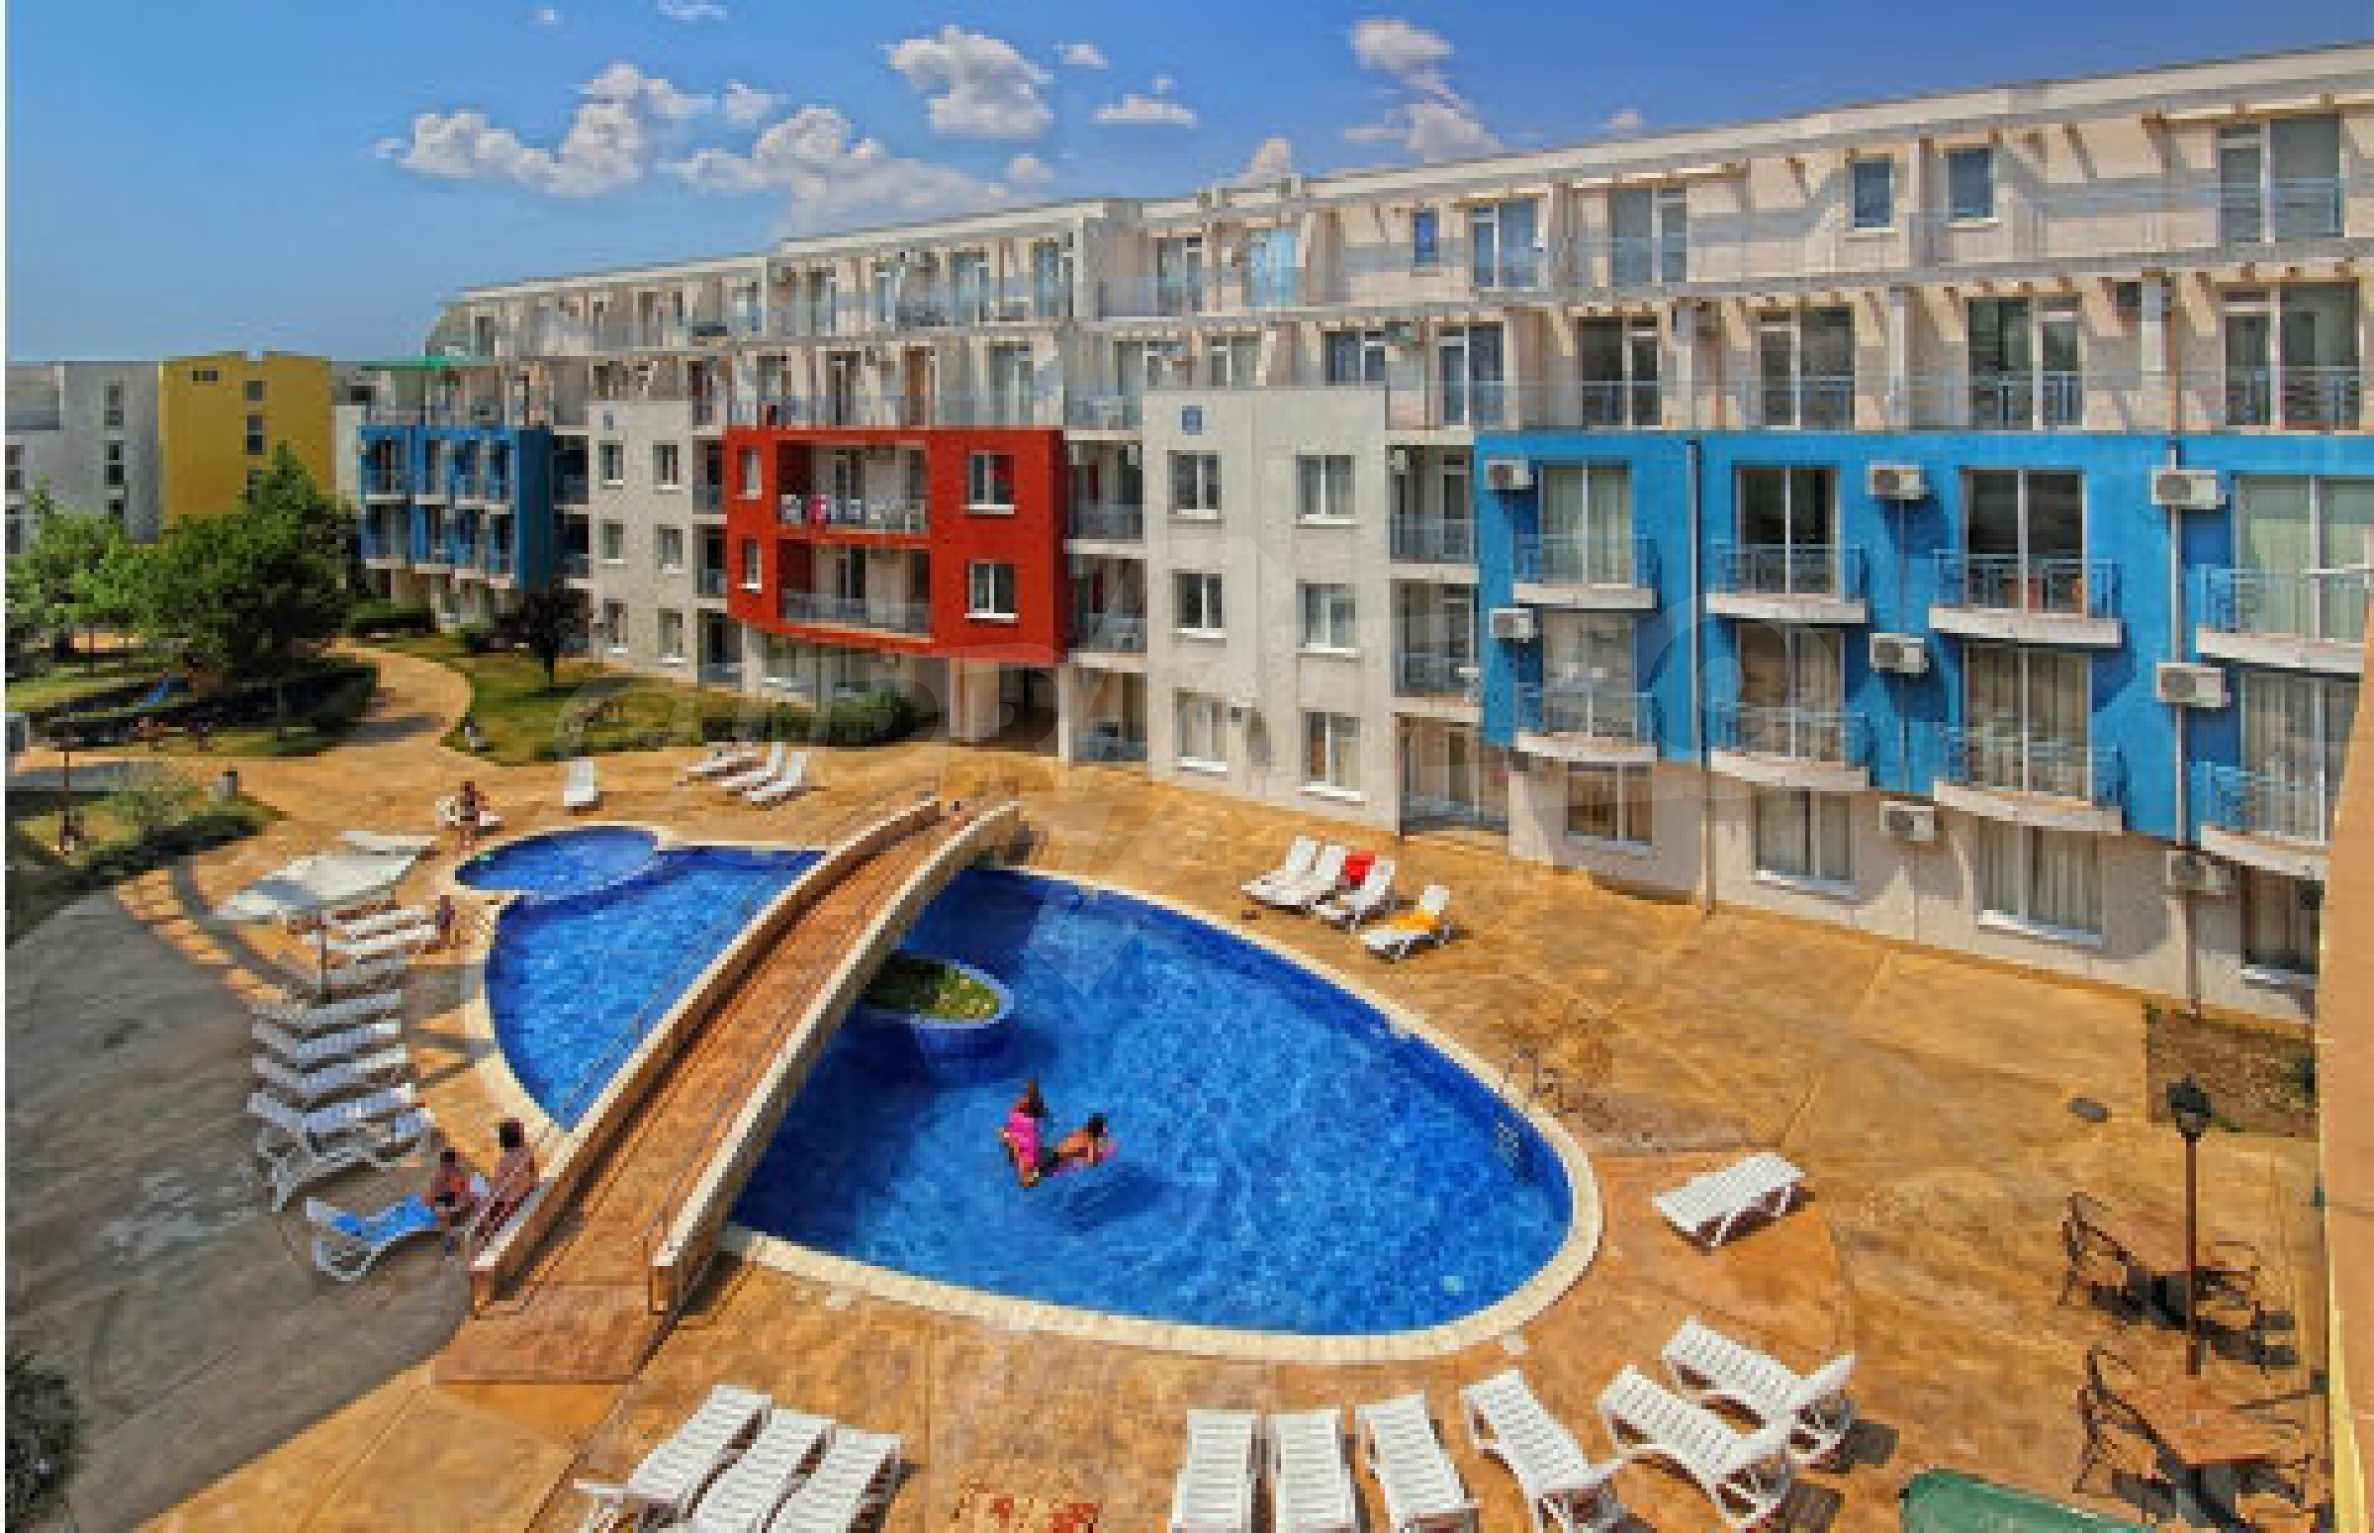 Geräumige Wohnung in einem modernen Komplex Sunny Day 3 14